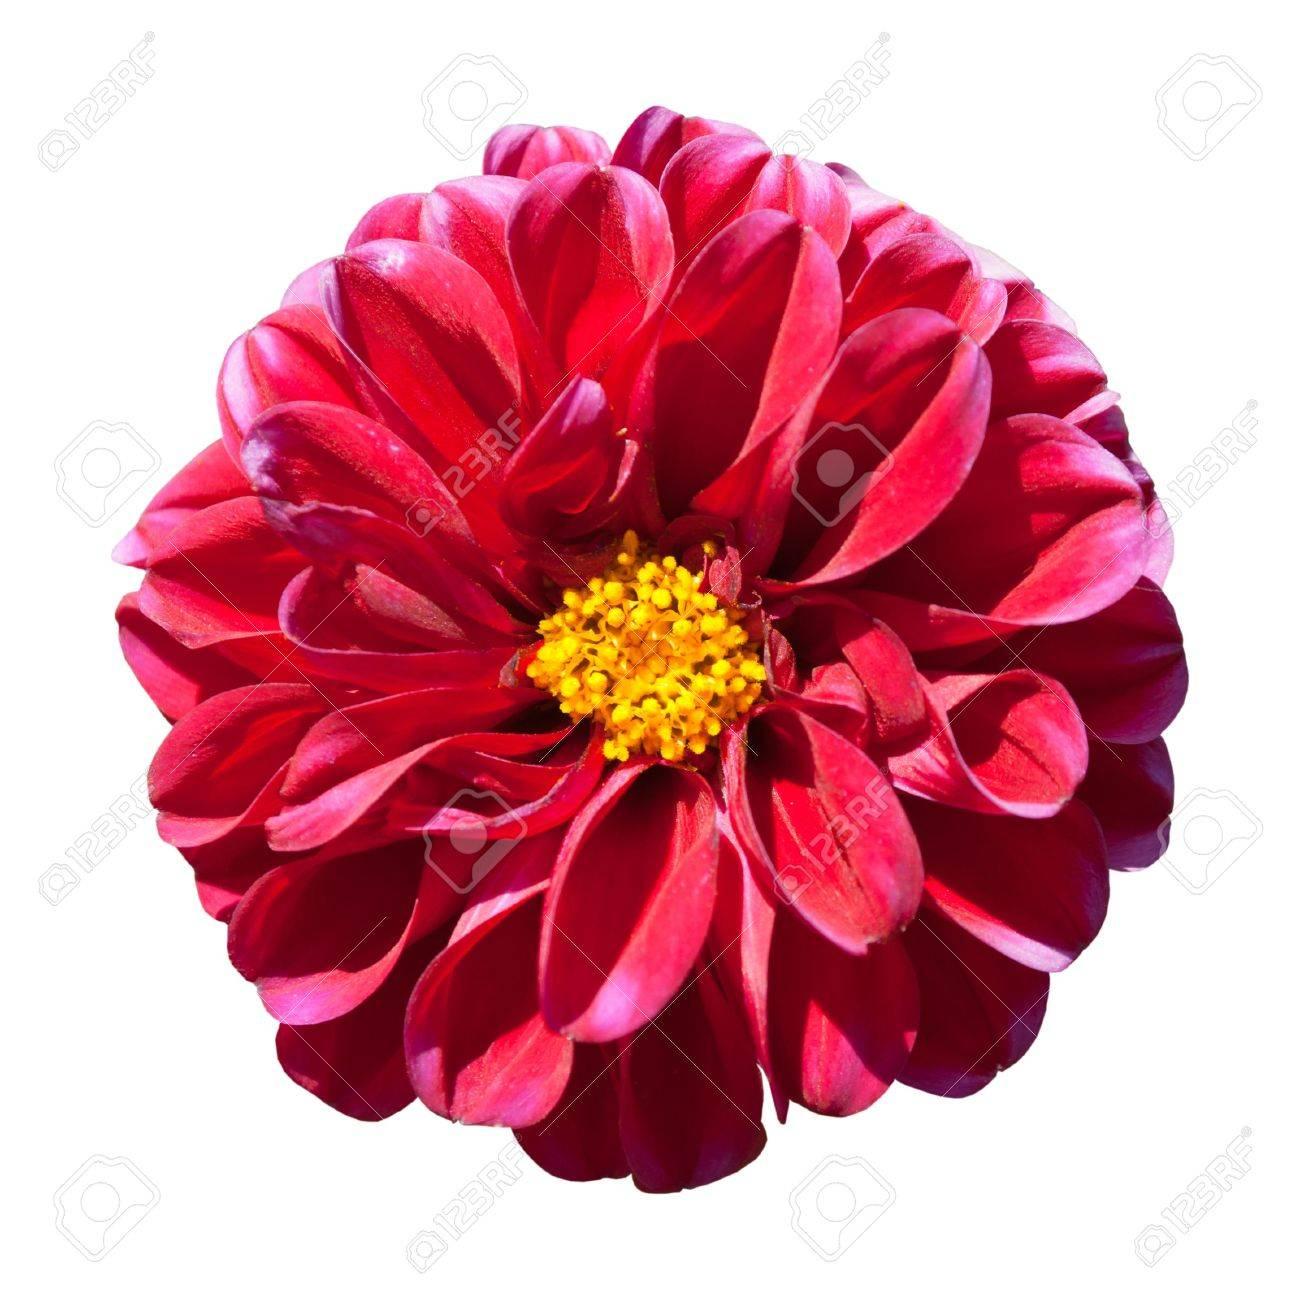 belle fleur dahlia rouge avec le centre jaune isolé sur fond blanc